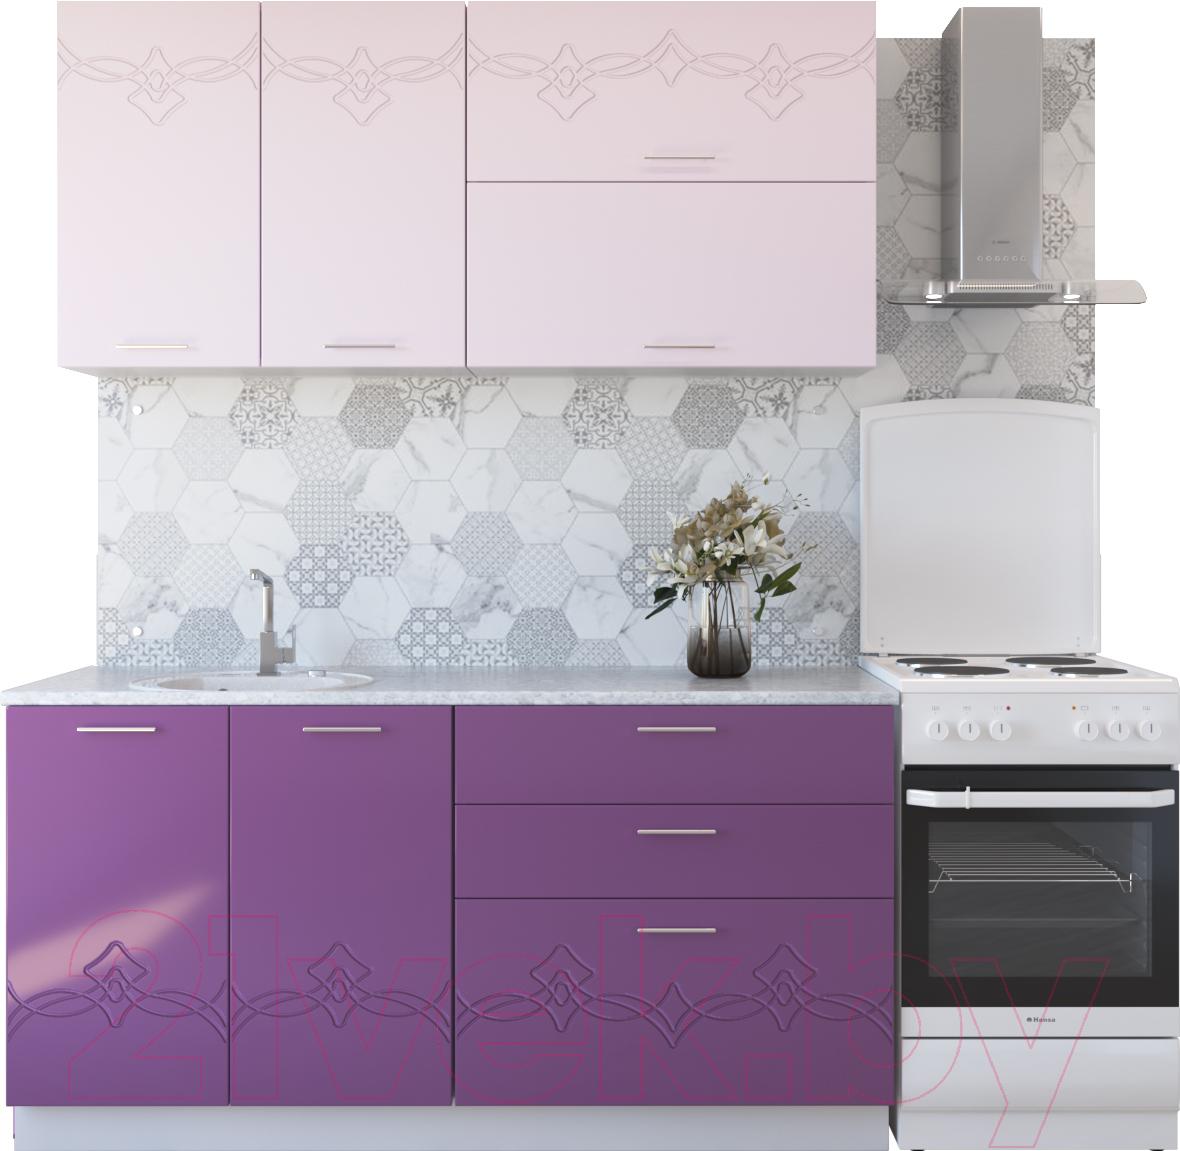 Купить Готовая кухня Артём-Мебель, Адель СН-114 без стекла 1.6м (глянец розовый металлик/сирень металлик), Беларусь